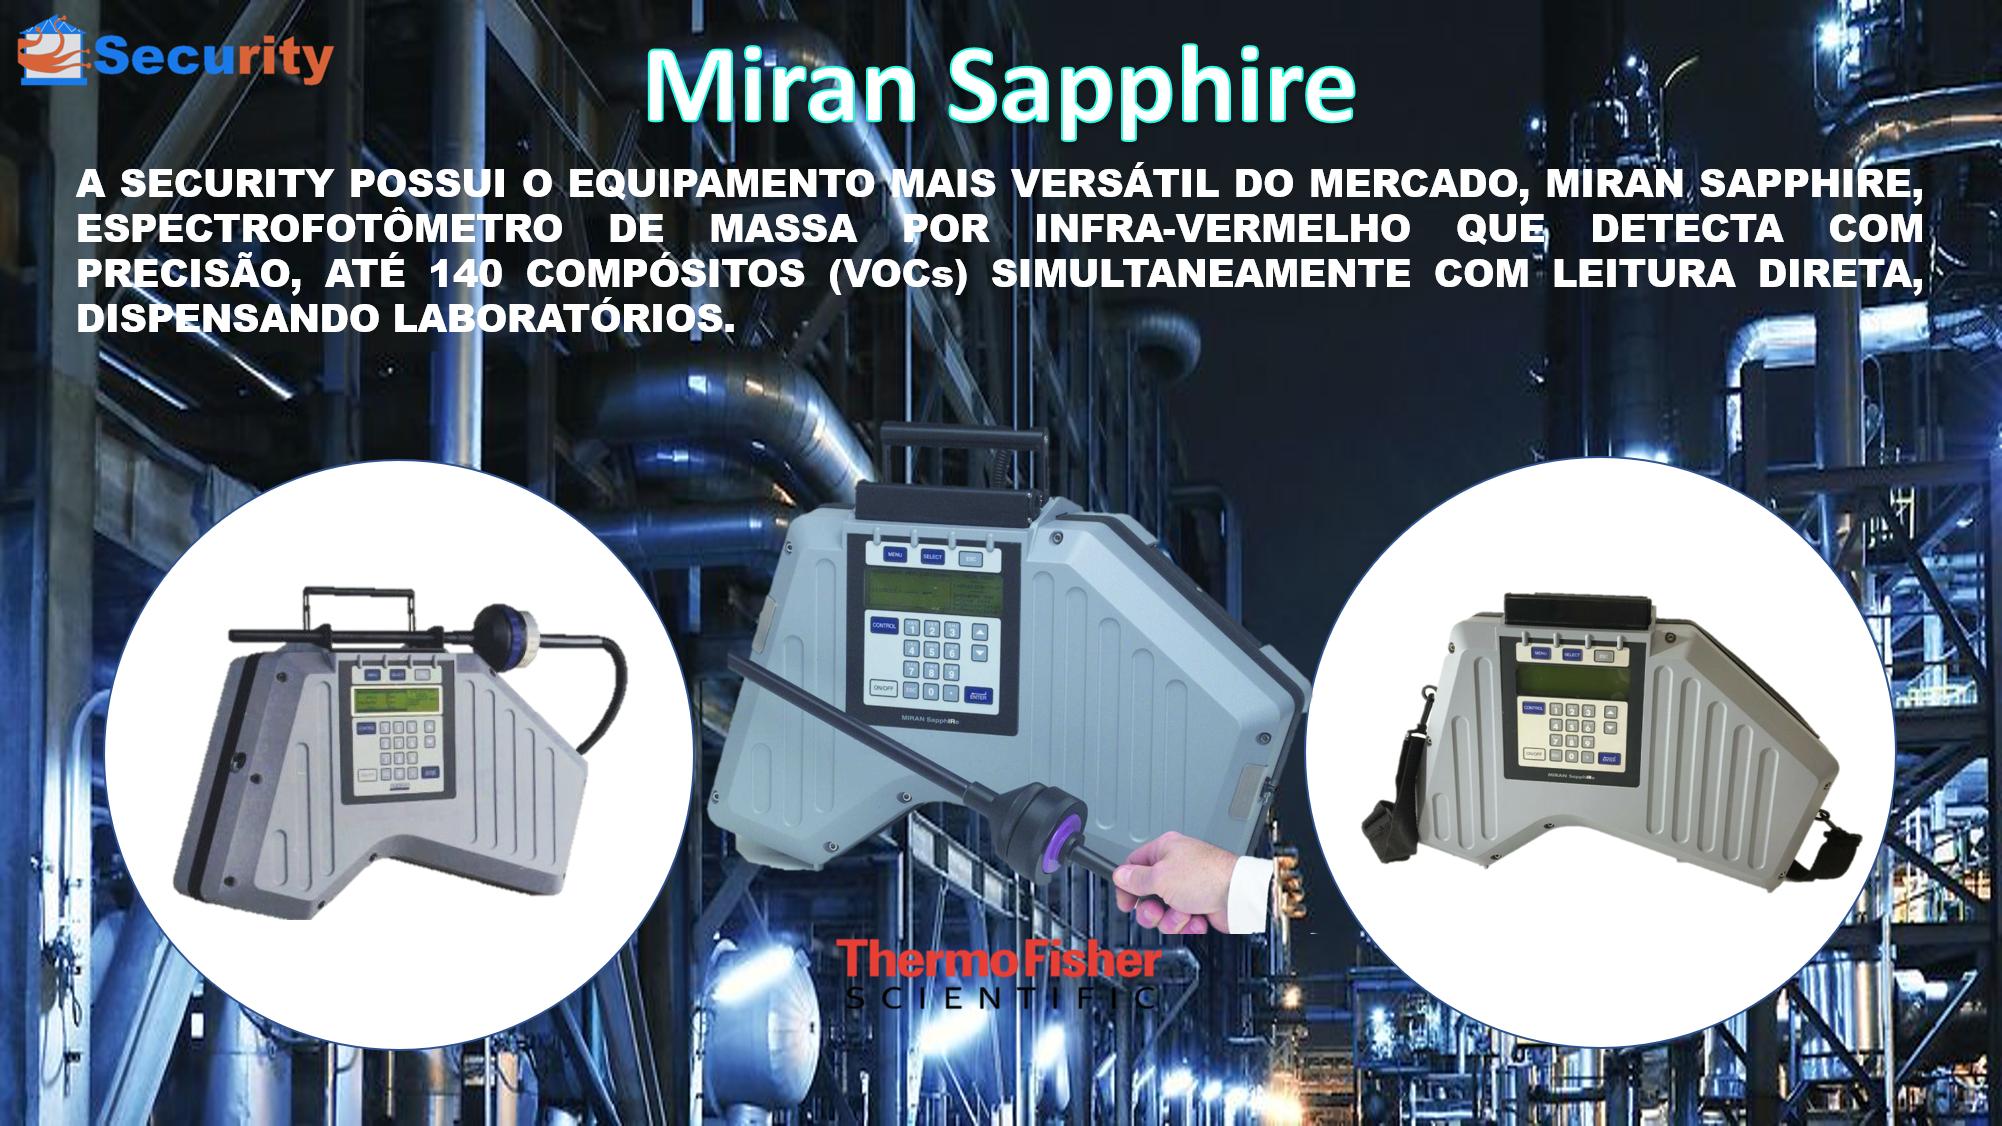 Mirian Sapphire